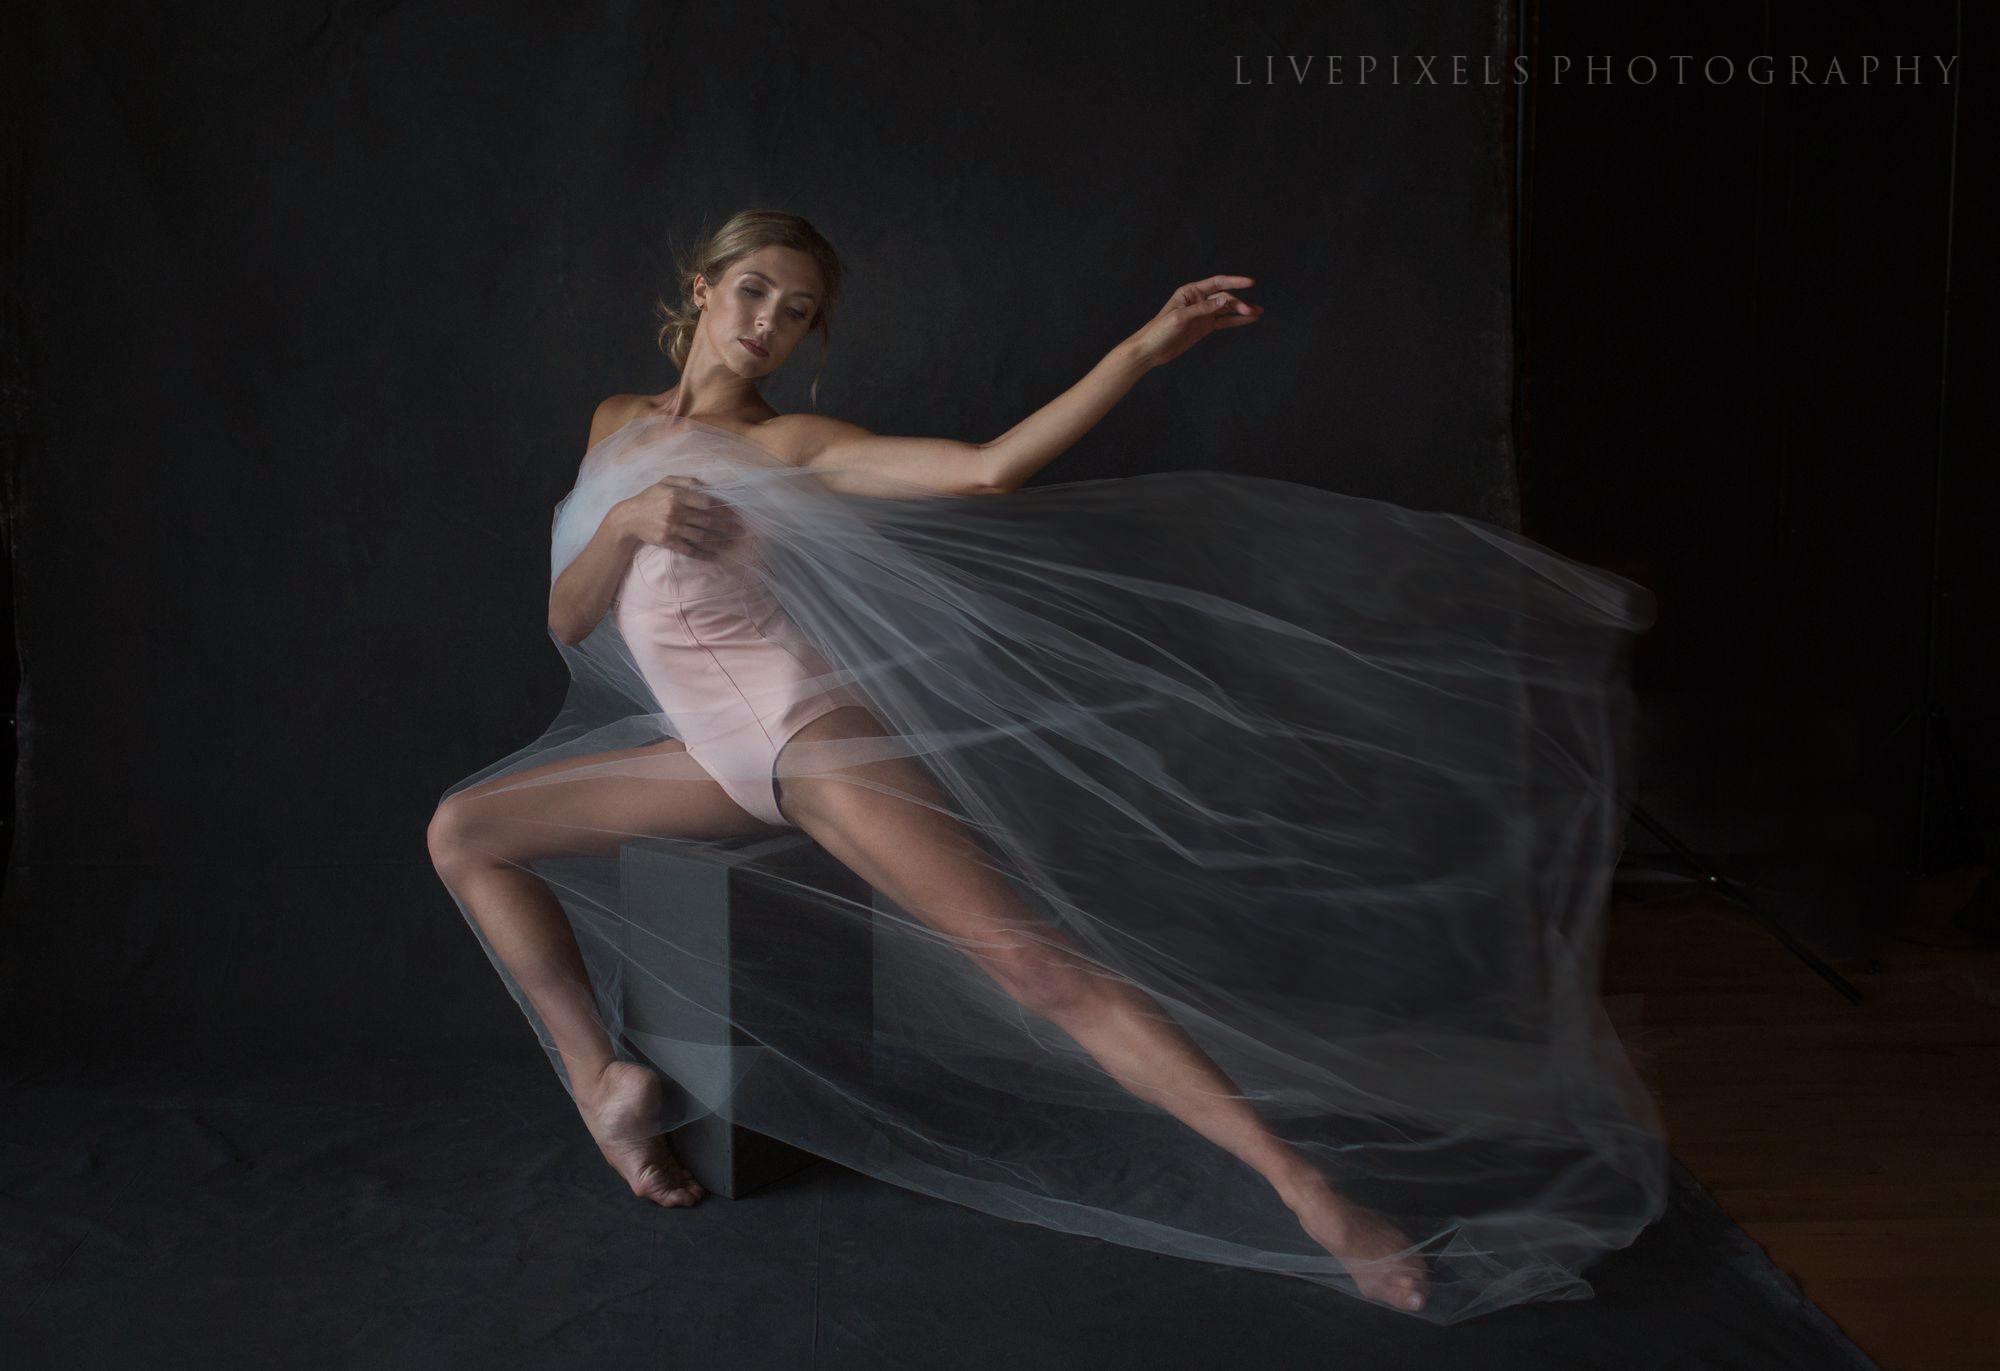 Glamour Beauty Boudoir Dancer portraits - Livepixels Photography, Toronto / livepixelsphotography.com